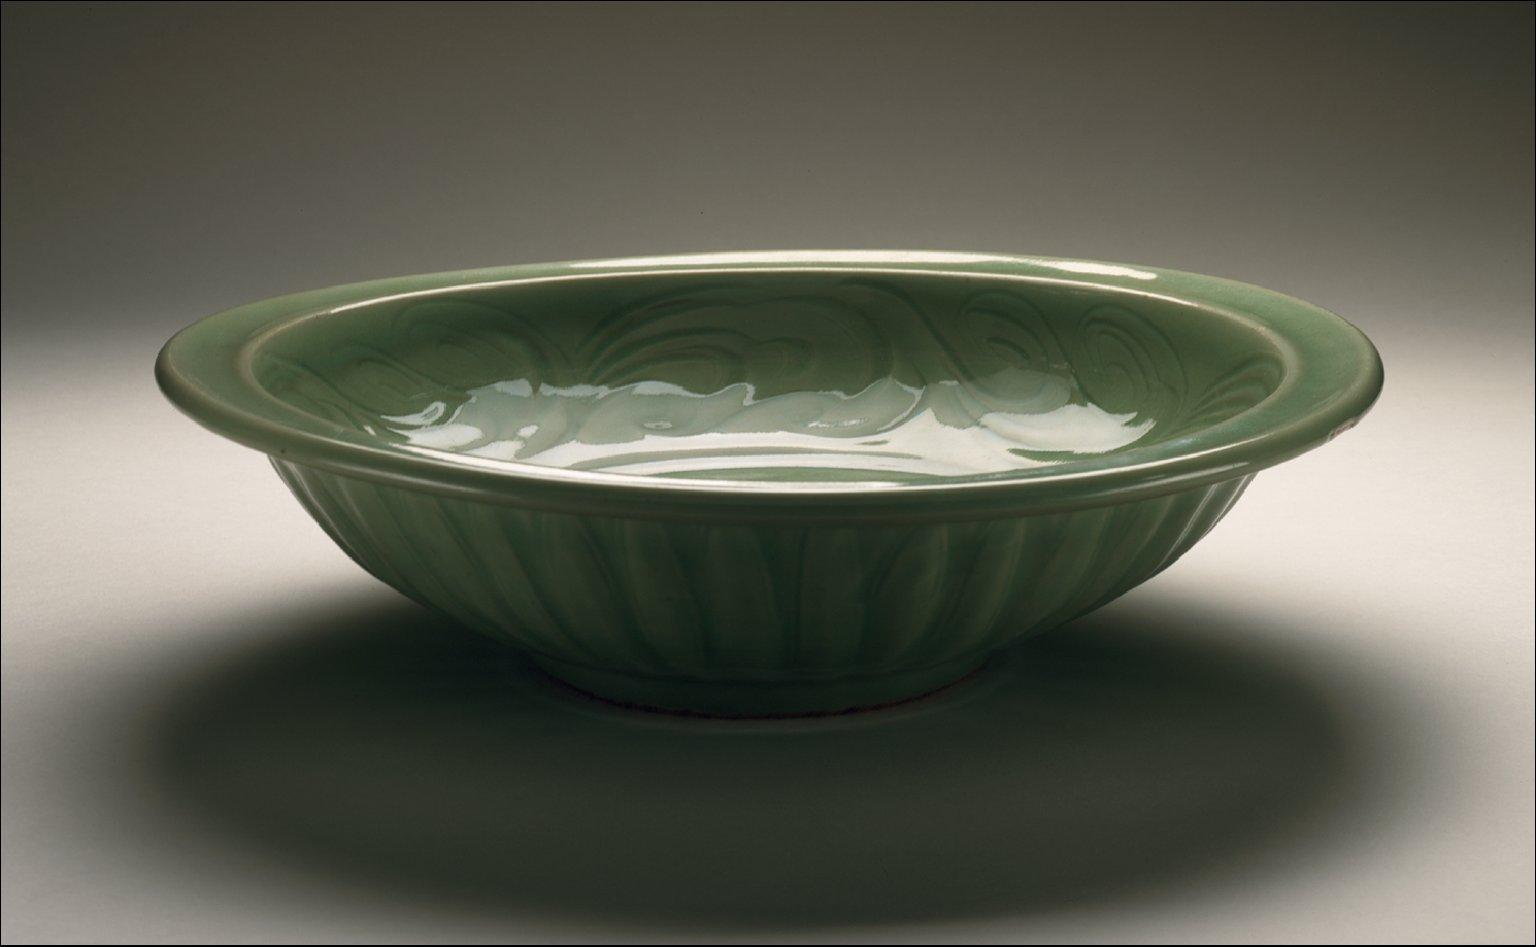 Dish (Pan) with Dragon Chasing Flaming Pearl